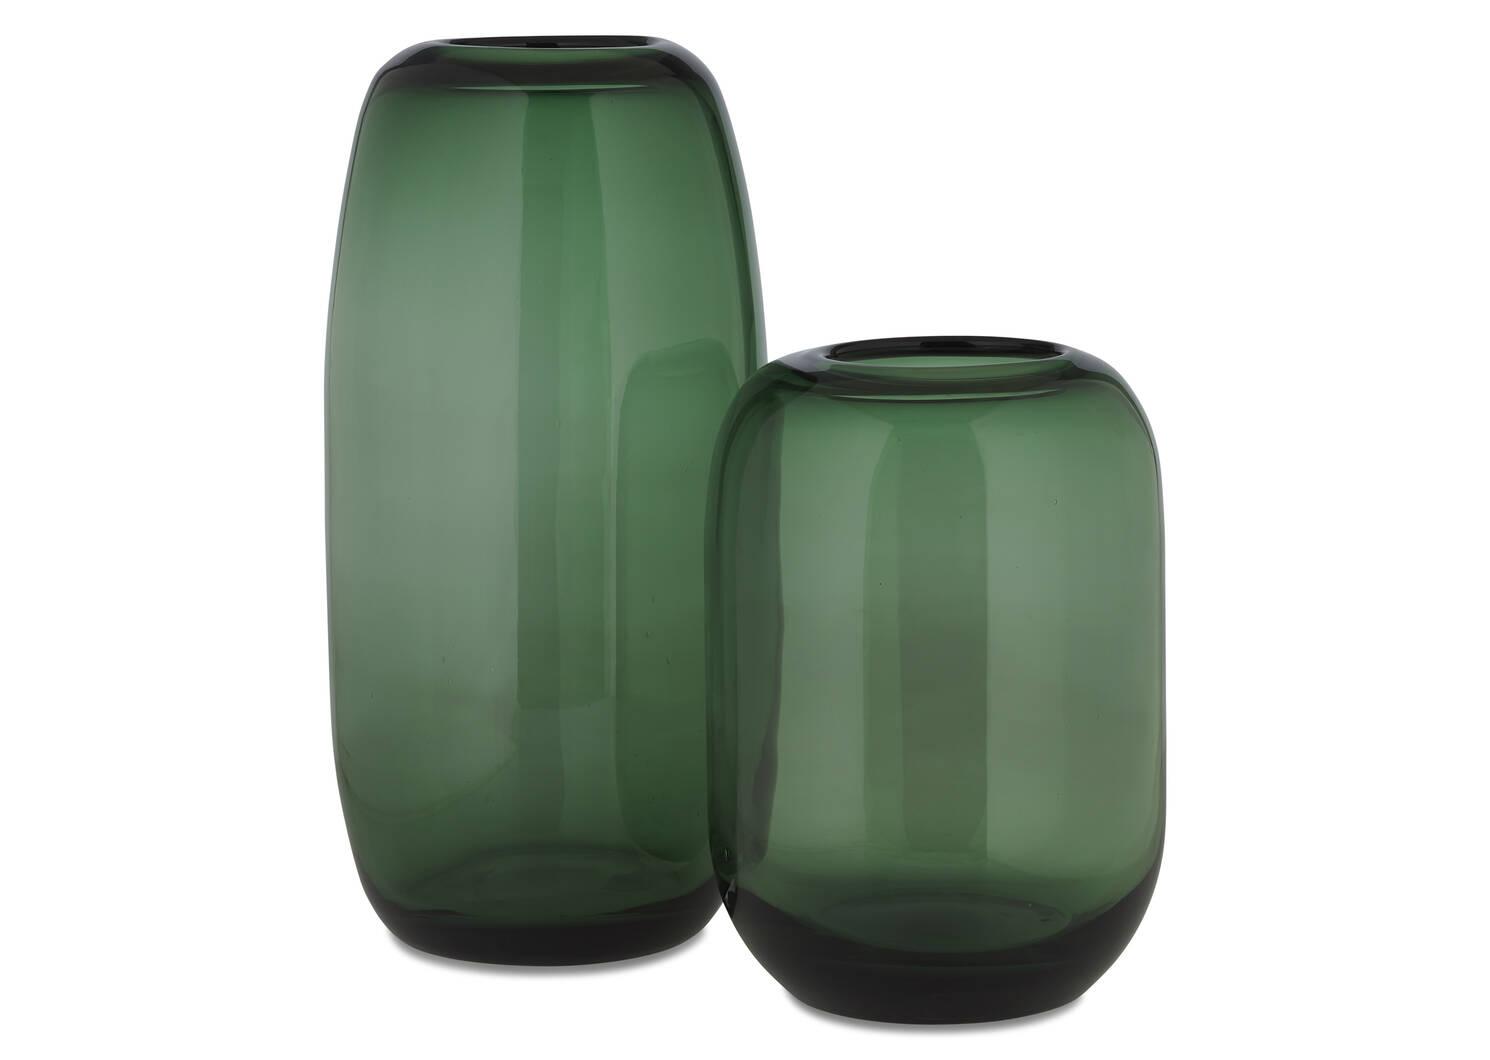 Nalia Vases Fern